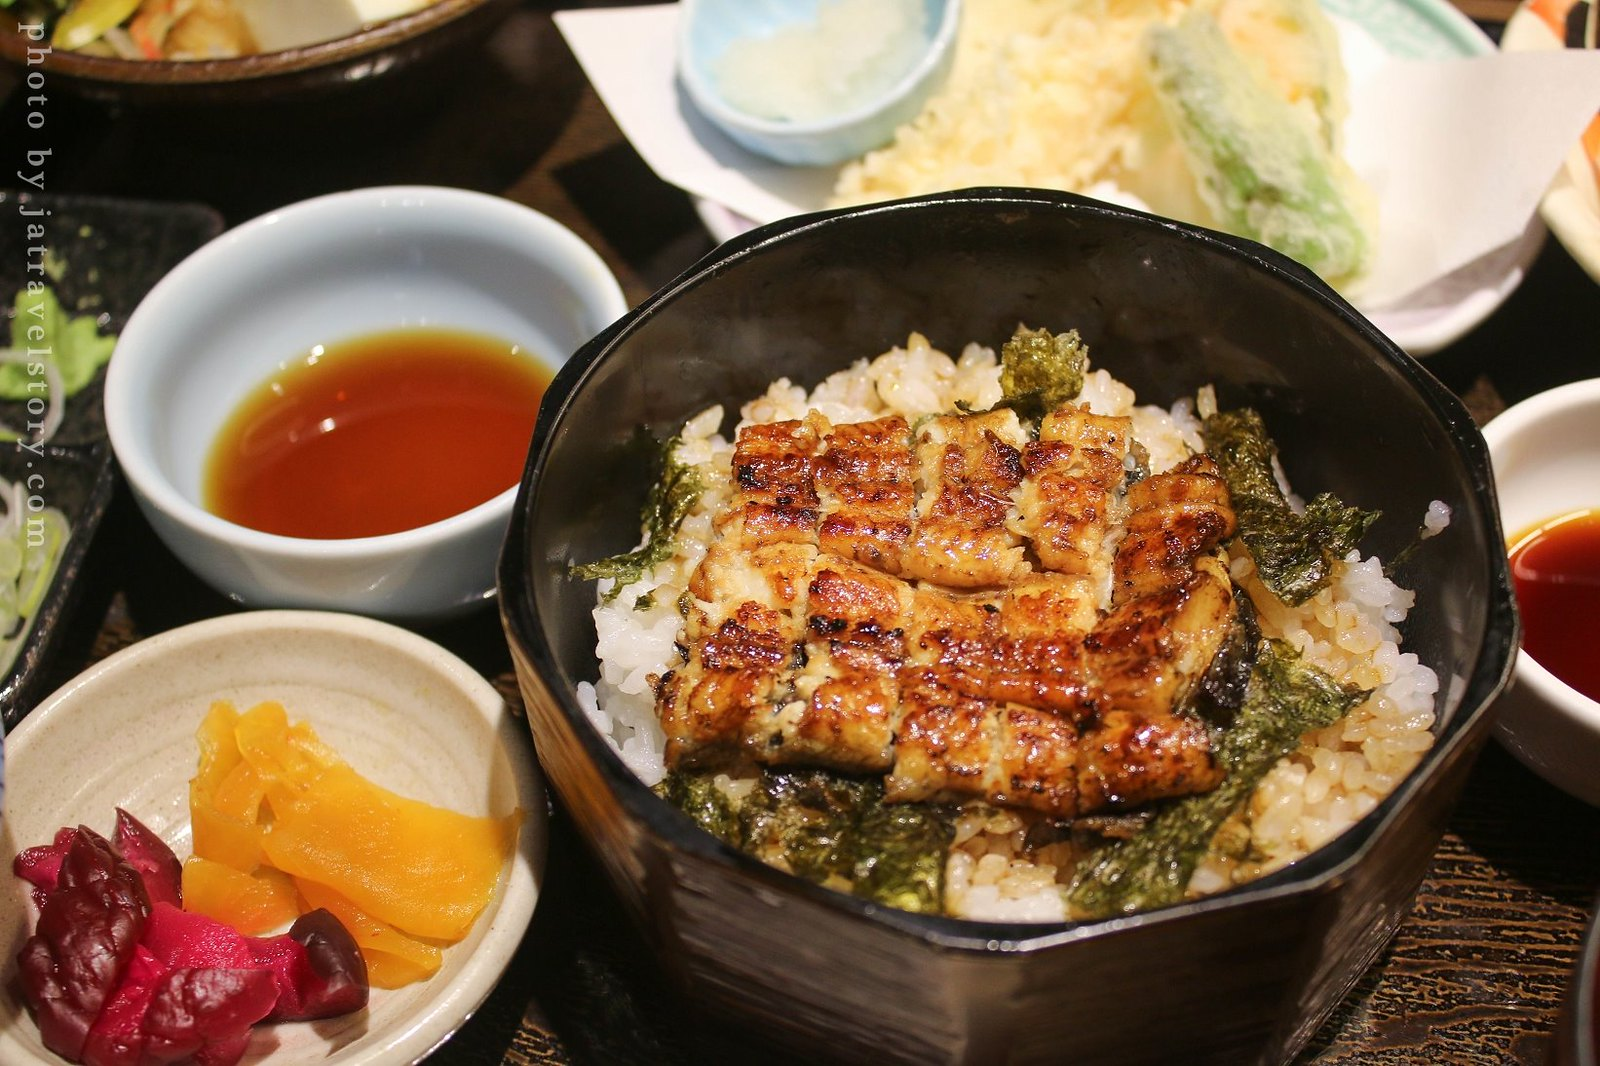 最新推播訊息:江戶川鰻魚飯 外酥內軟香氣十足,台灣也有分店唷!